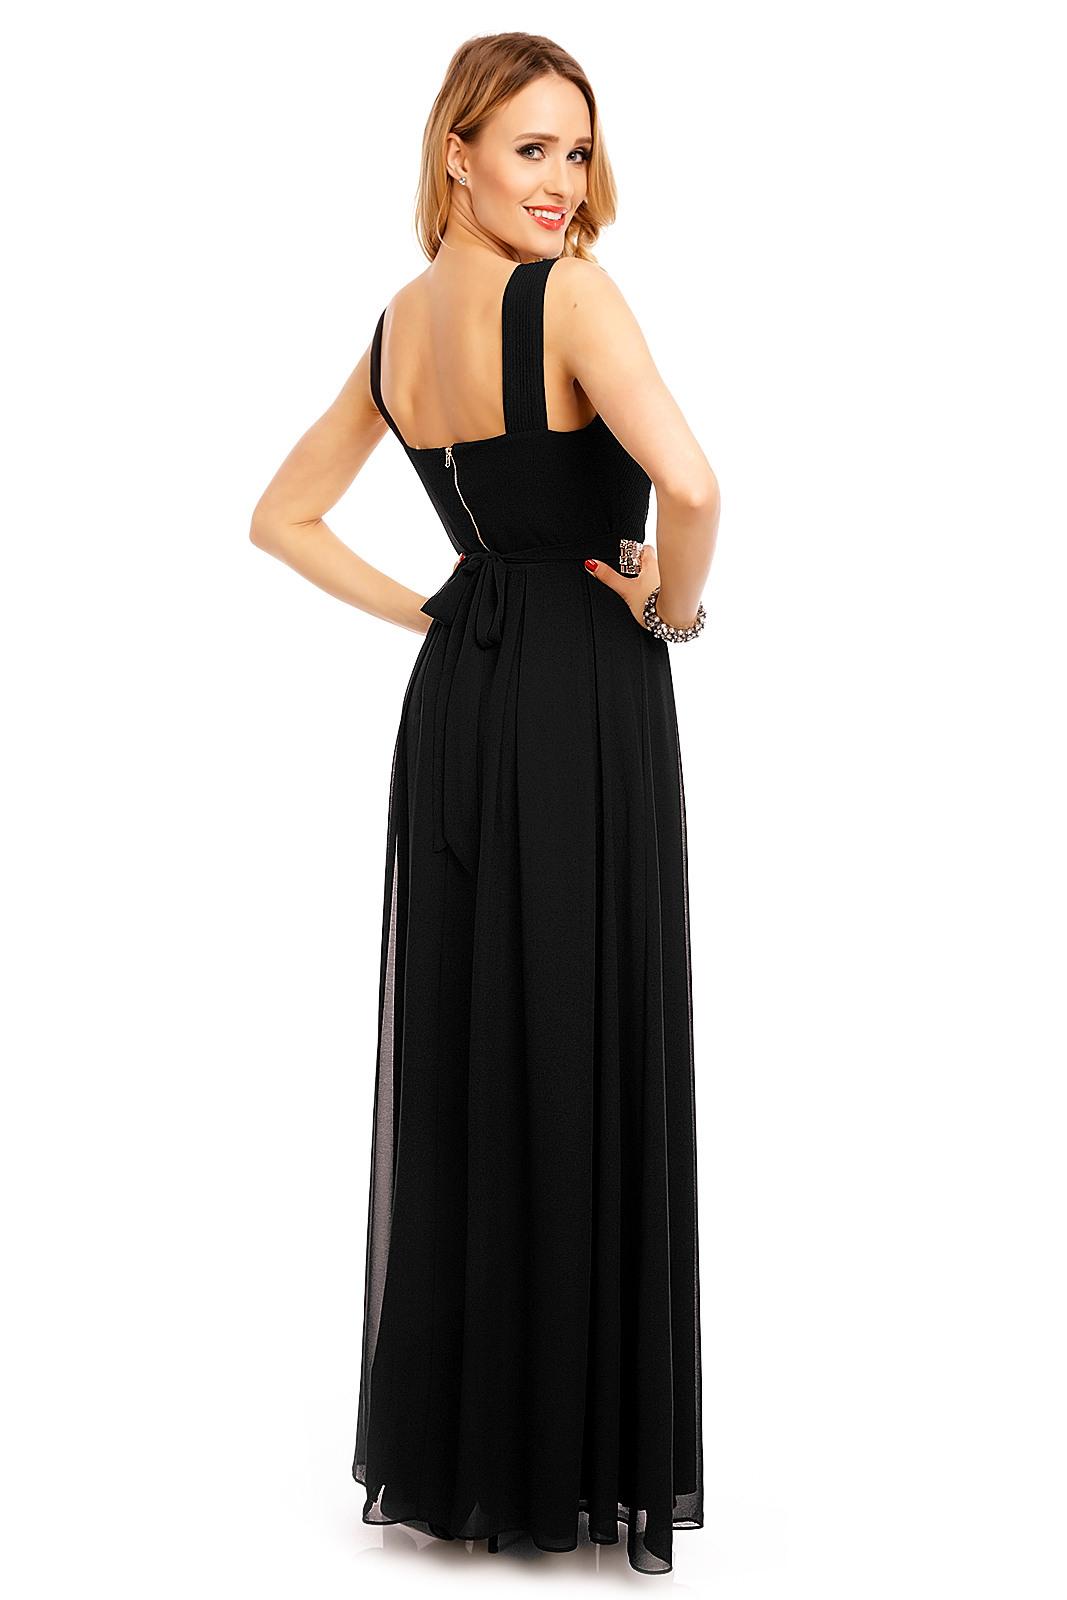 Luxus Abendkleid Xl Spezialgebiet10 Perfekt Abendkleid Xl Galerie